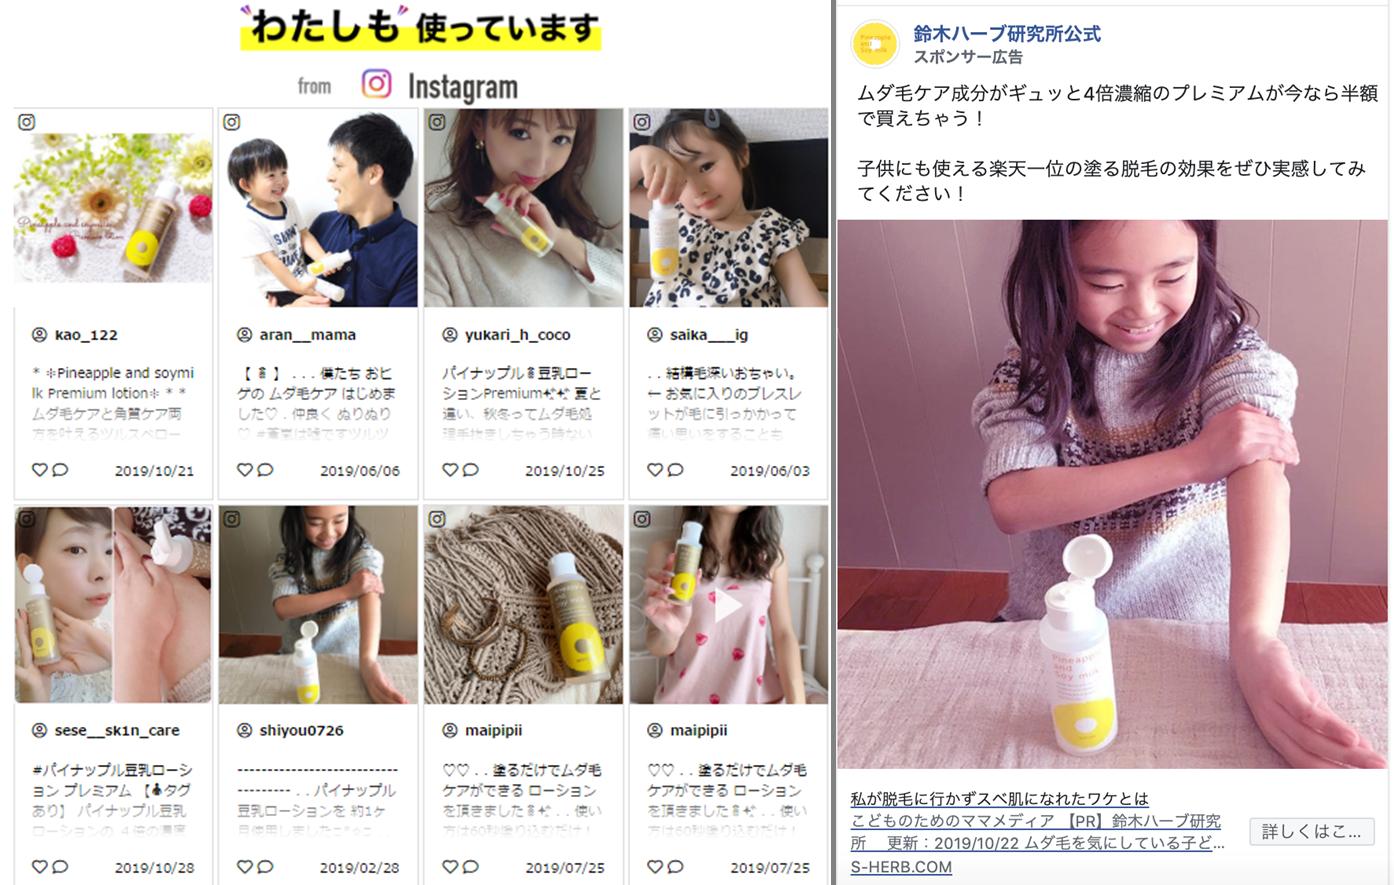 鈴木ハーブ研究所 UGCマーケティング事例